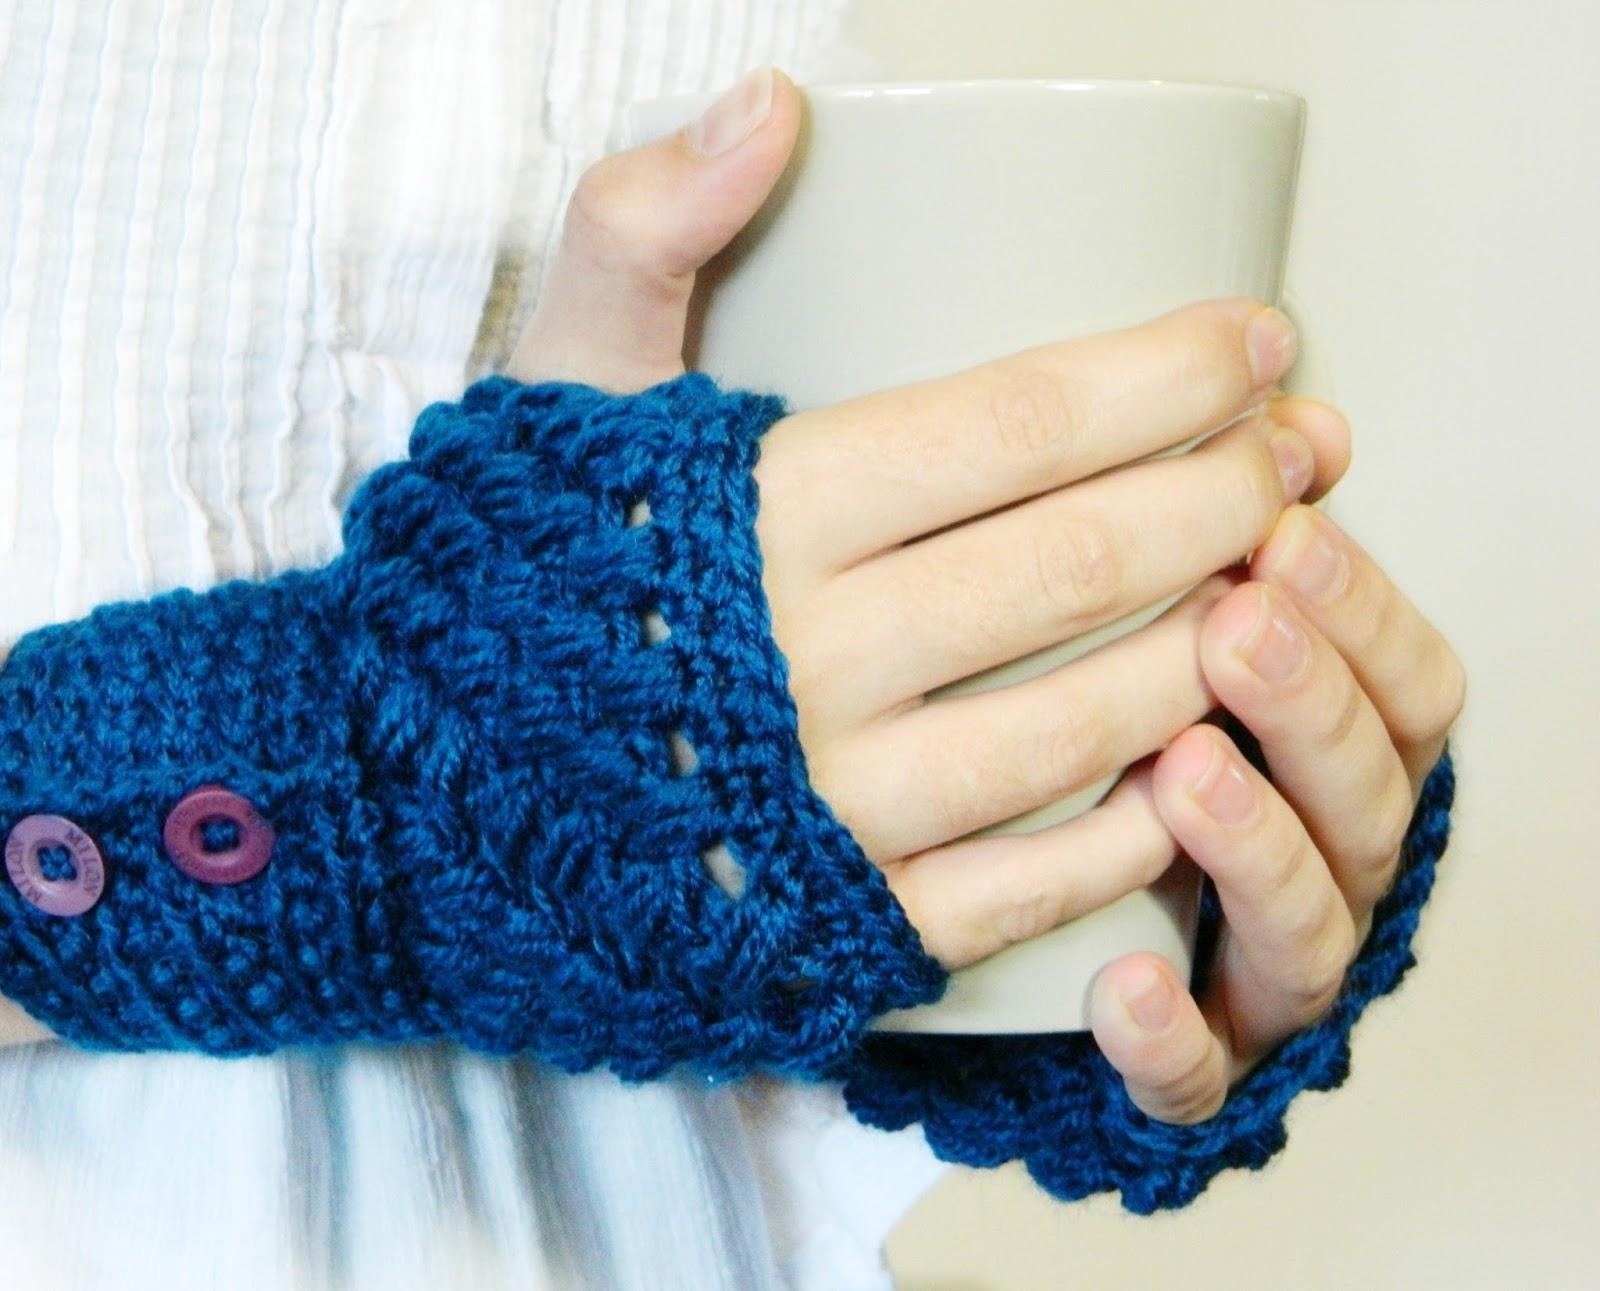 Fingerless gloves diy - And